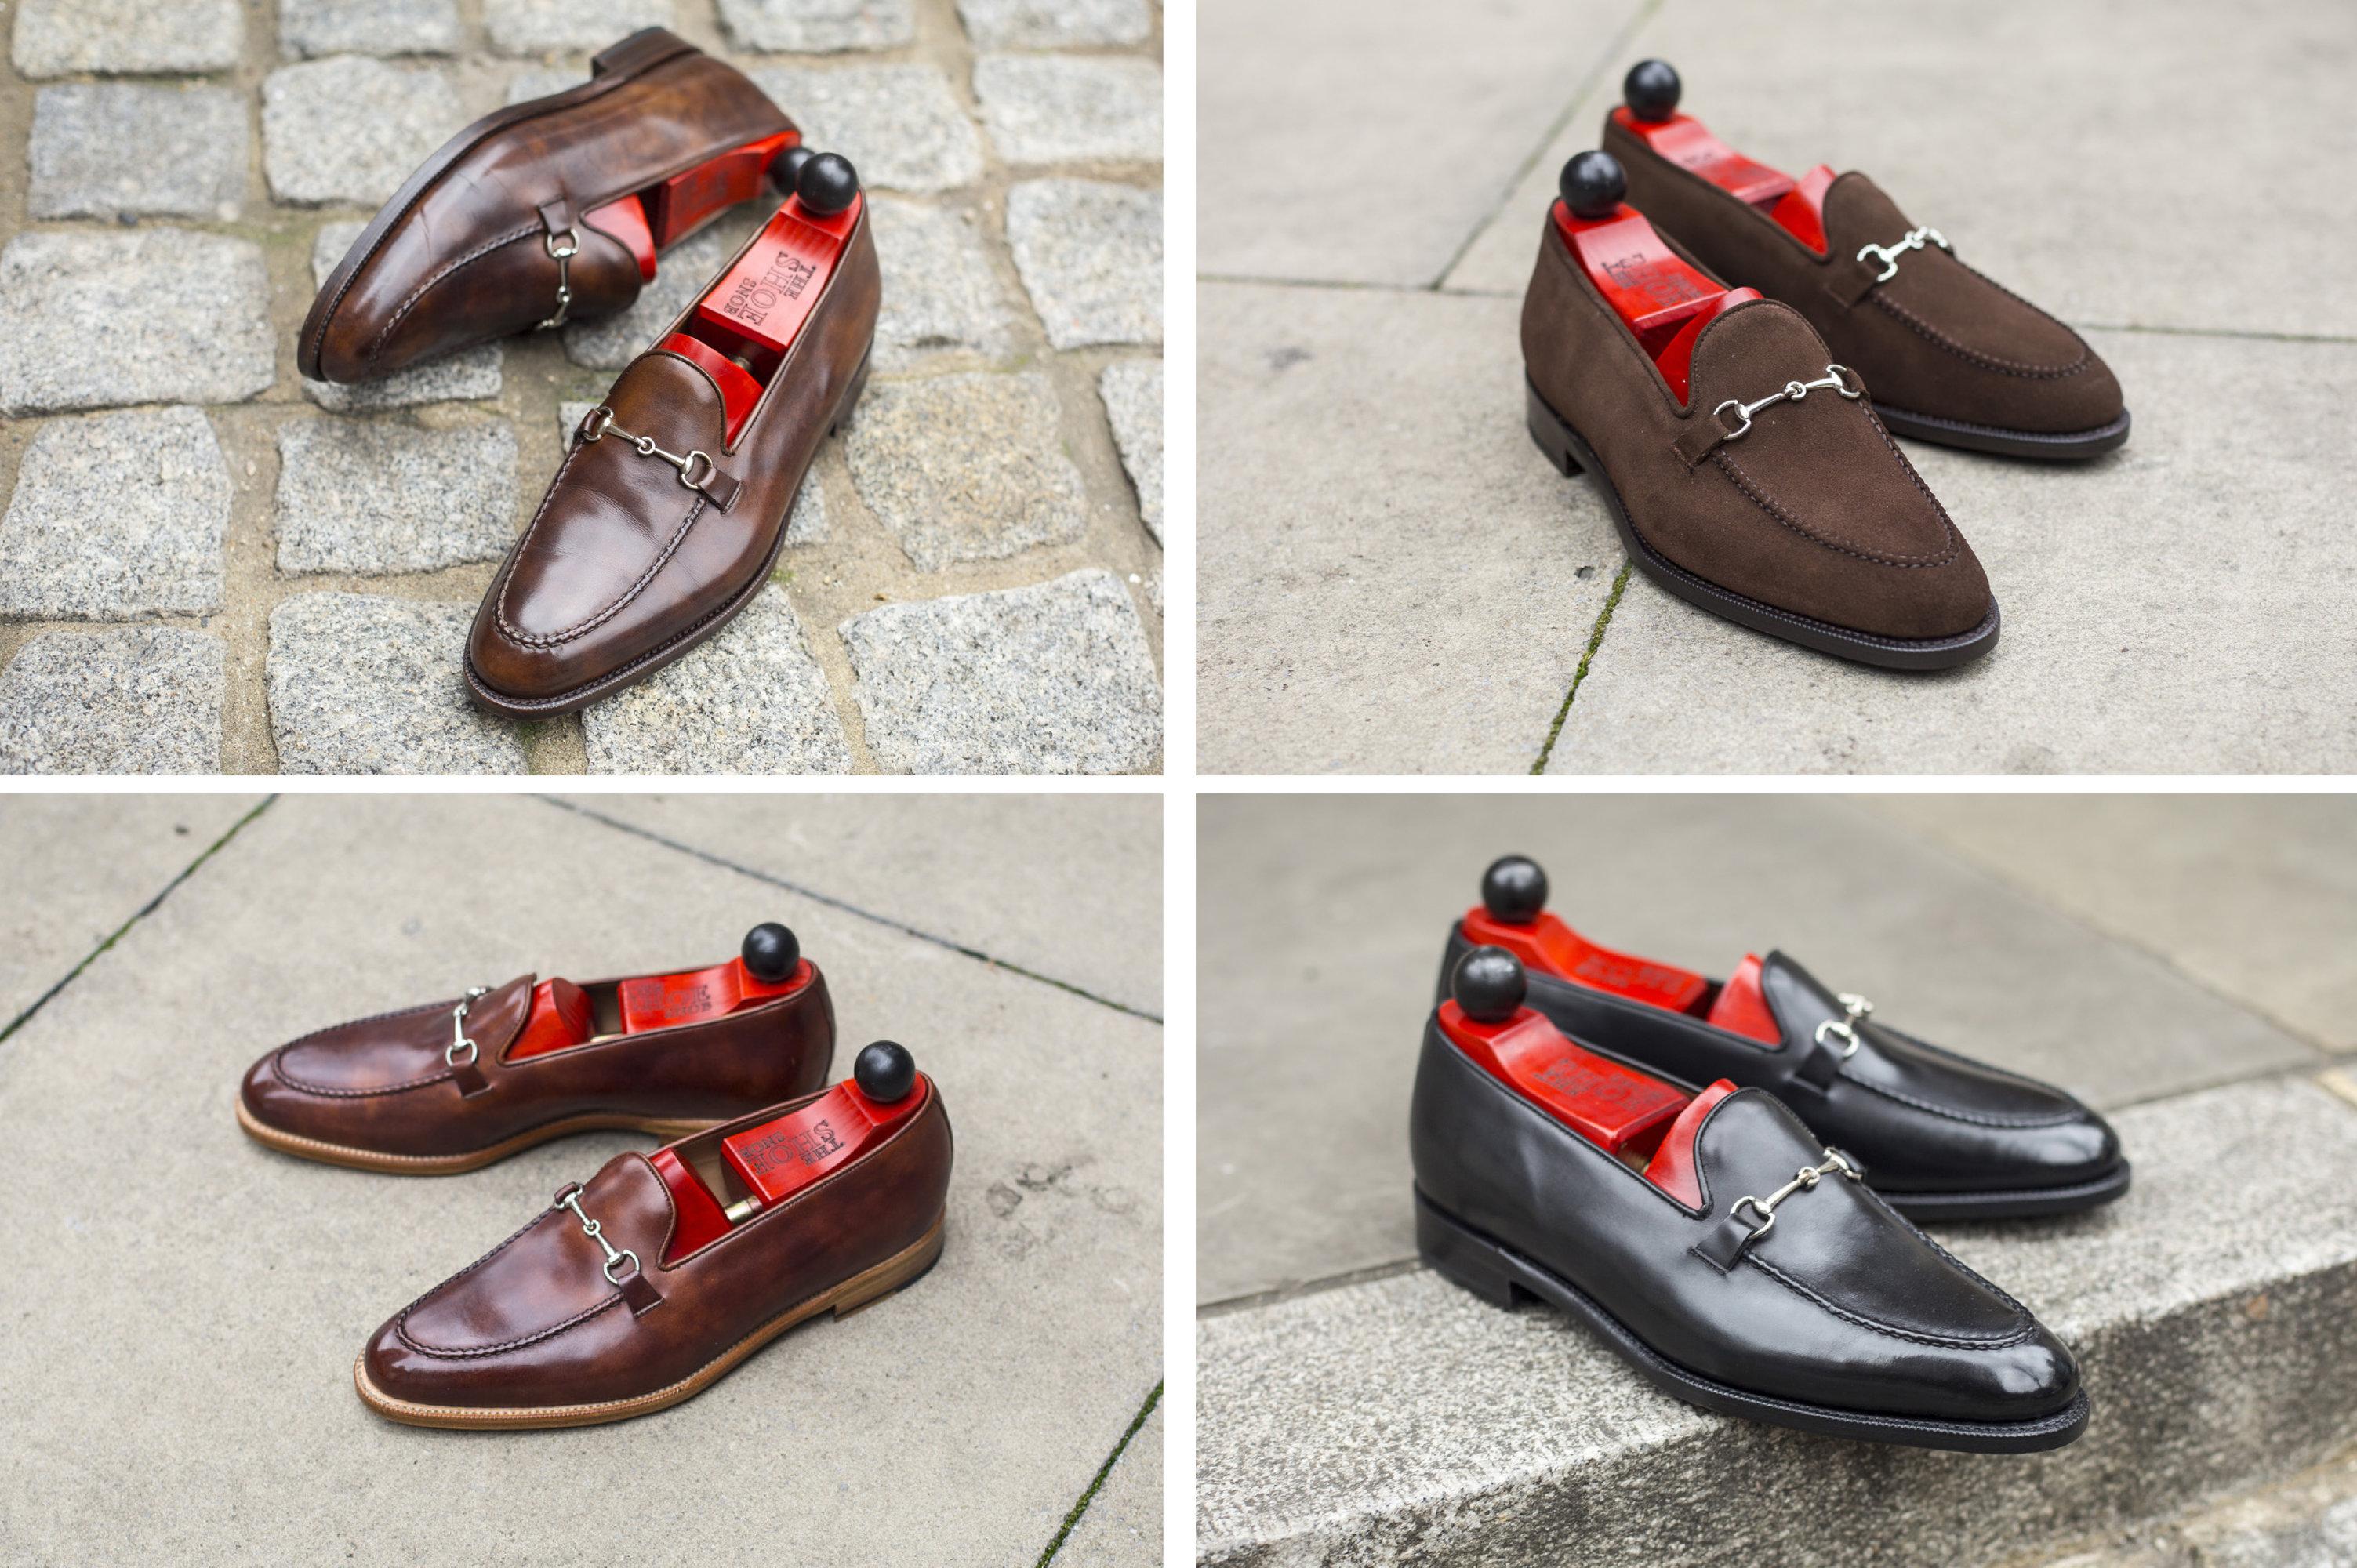 j-fitzpatrick-footwear-ss19-banner-loafers-2.jpg